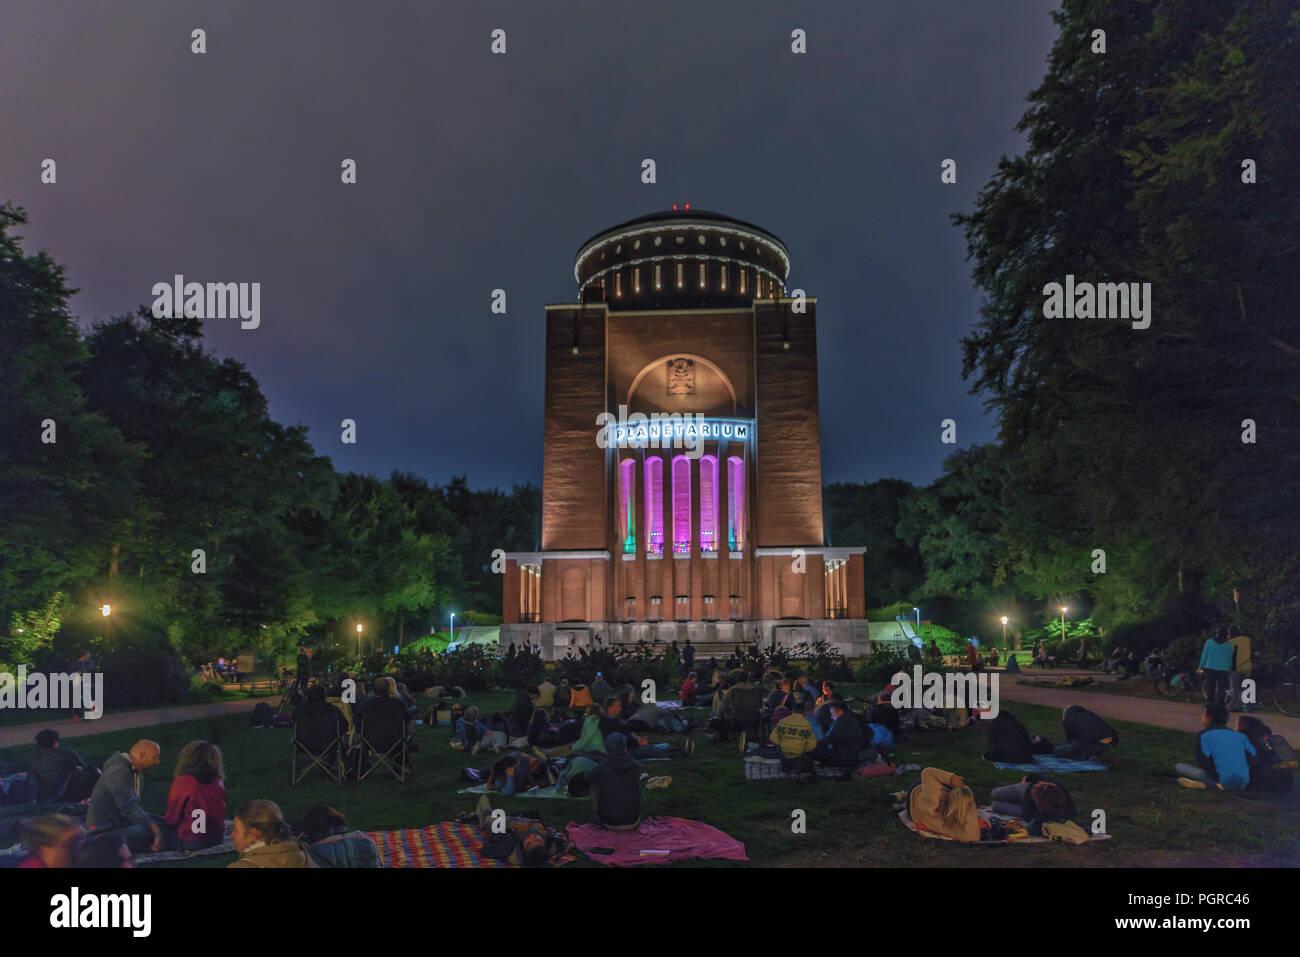 Planetarium im Stadtpark Hamburg - Klangwolke zum Vollmond - Stock Photo